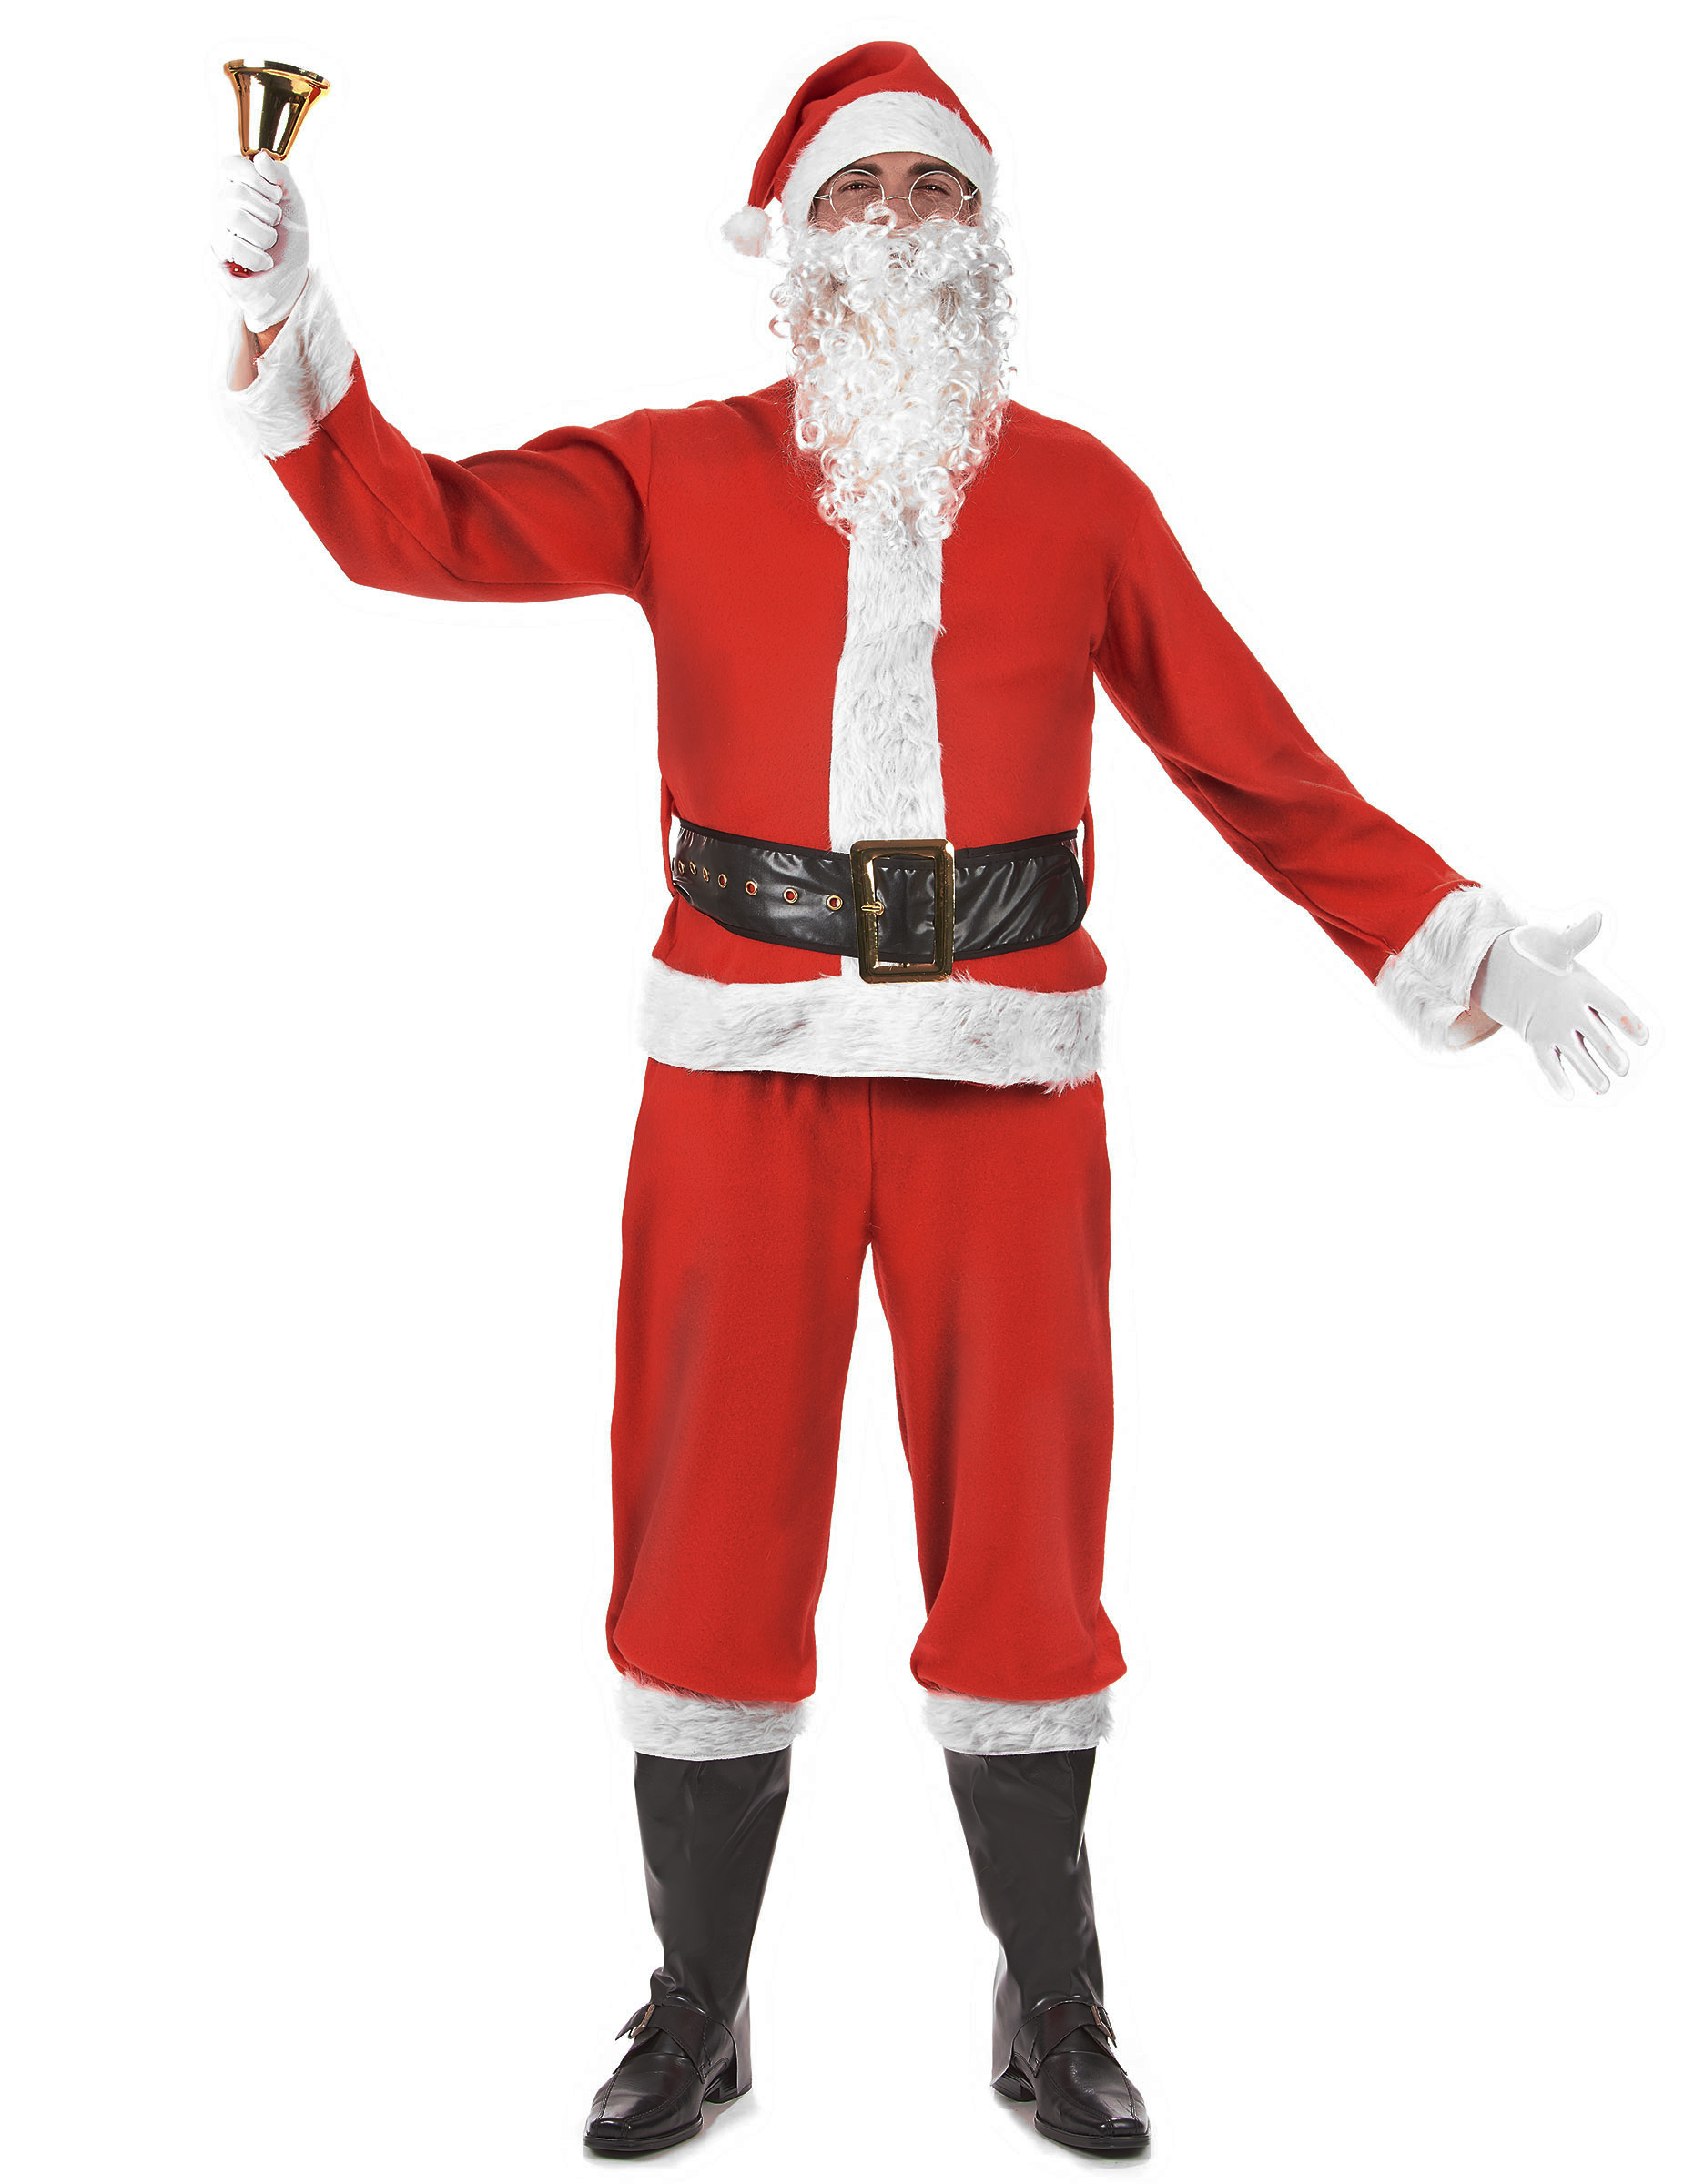 Costume Babbo Natale.Costume Completo Da Babbo Natale Per Adulto Costumi Adulti E